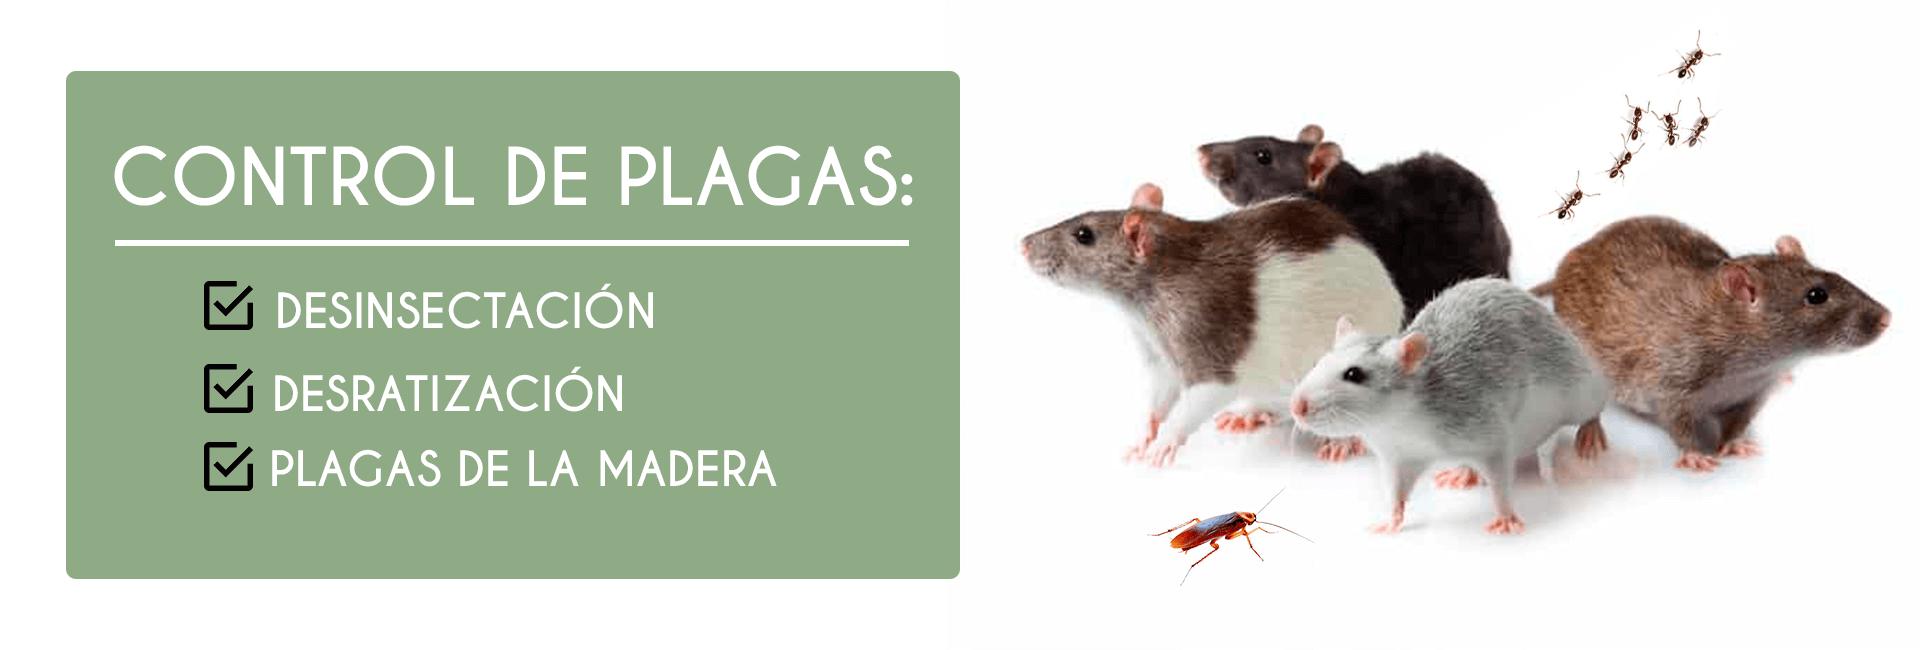 control de plagas malaga